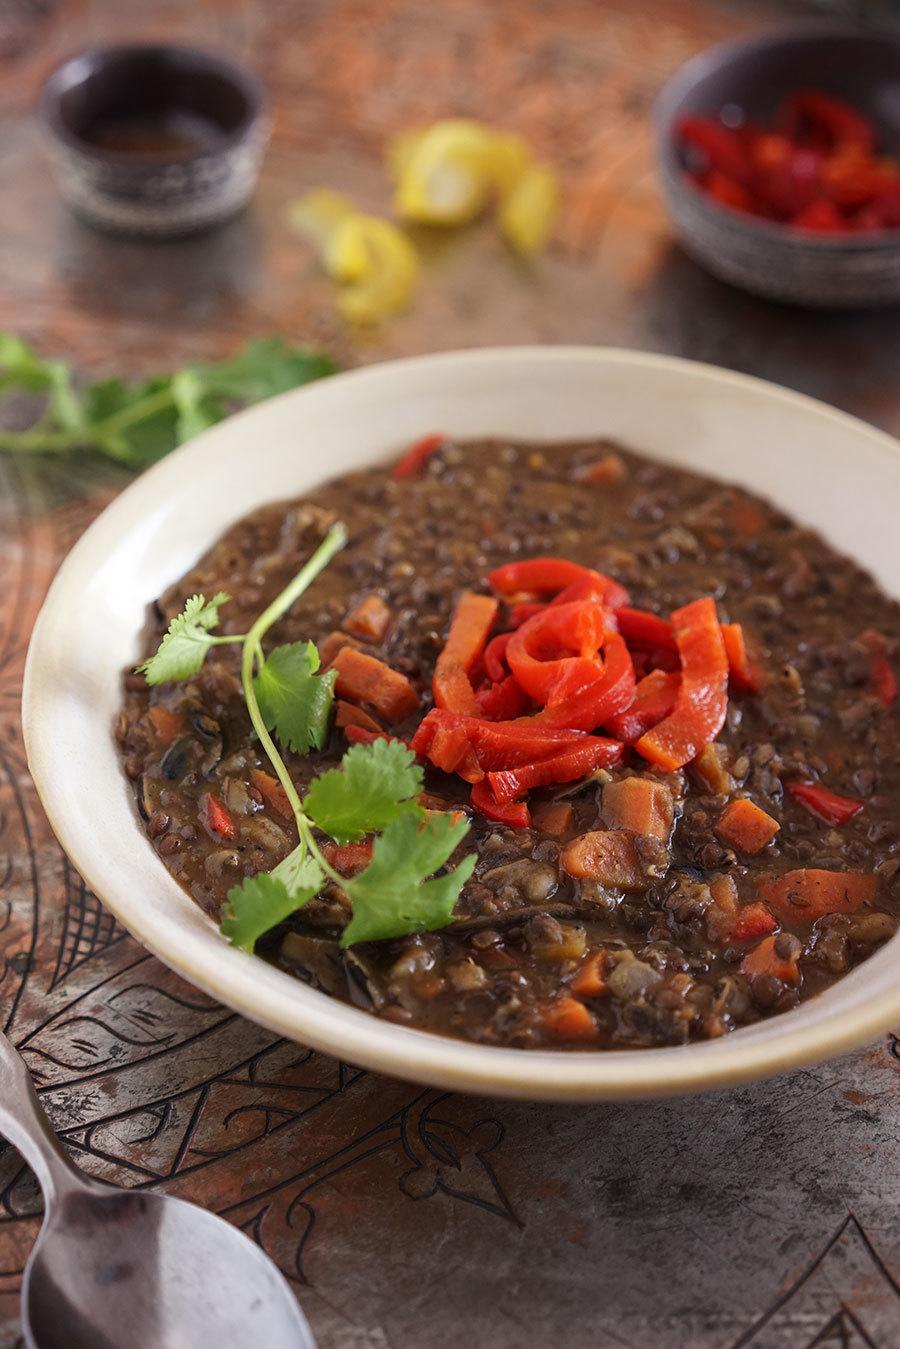 Soupes aux lentilles noires, riz sauvage et poivron rôti